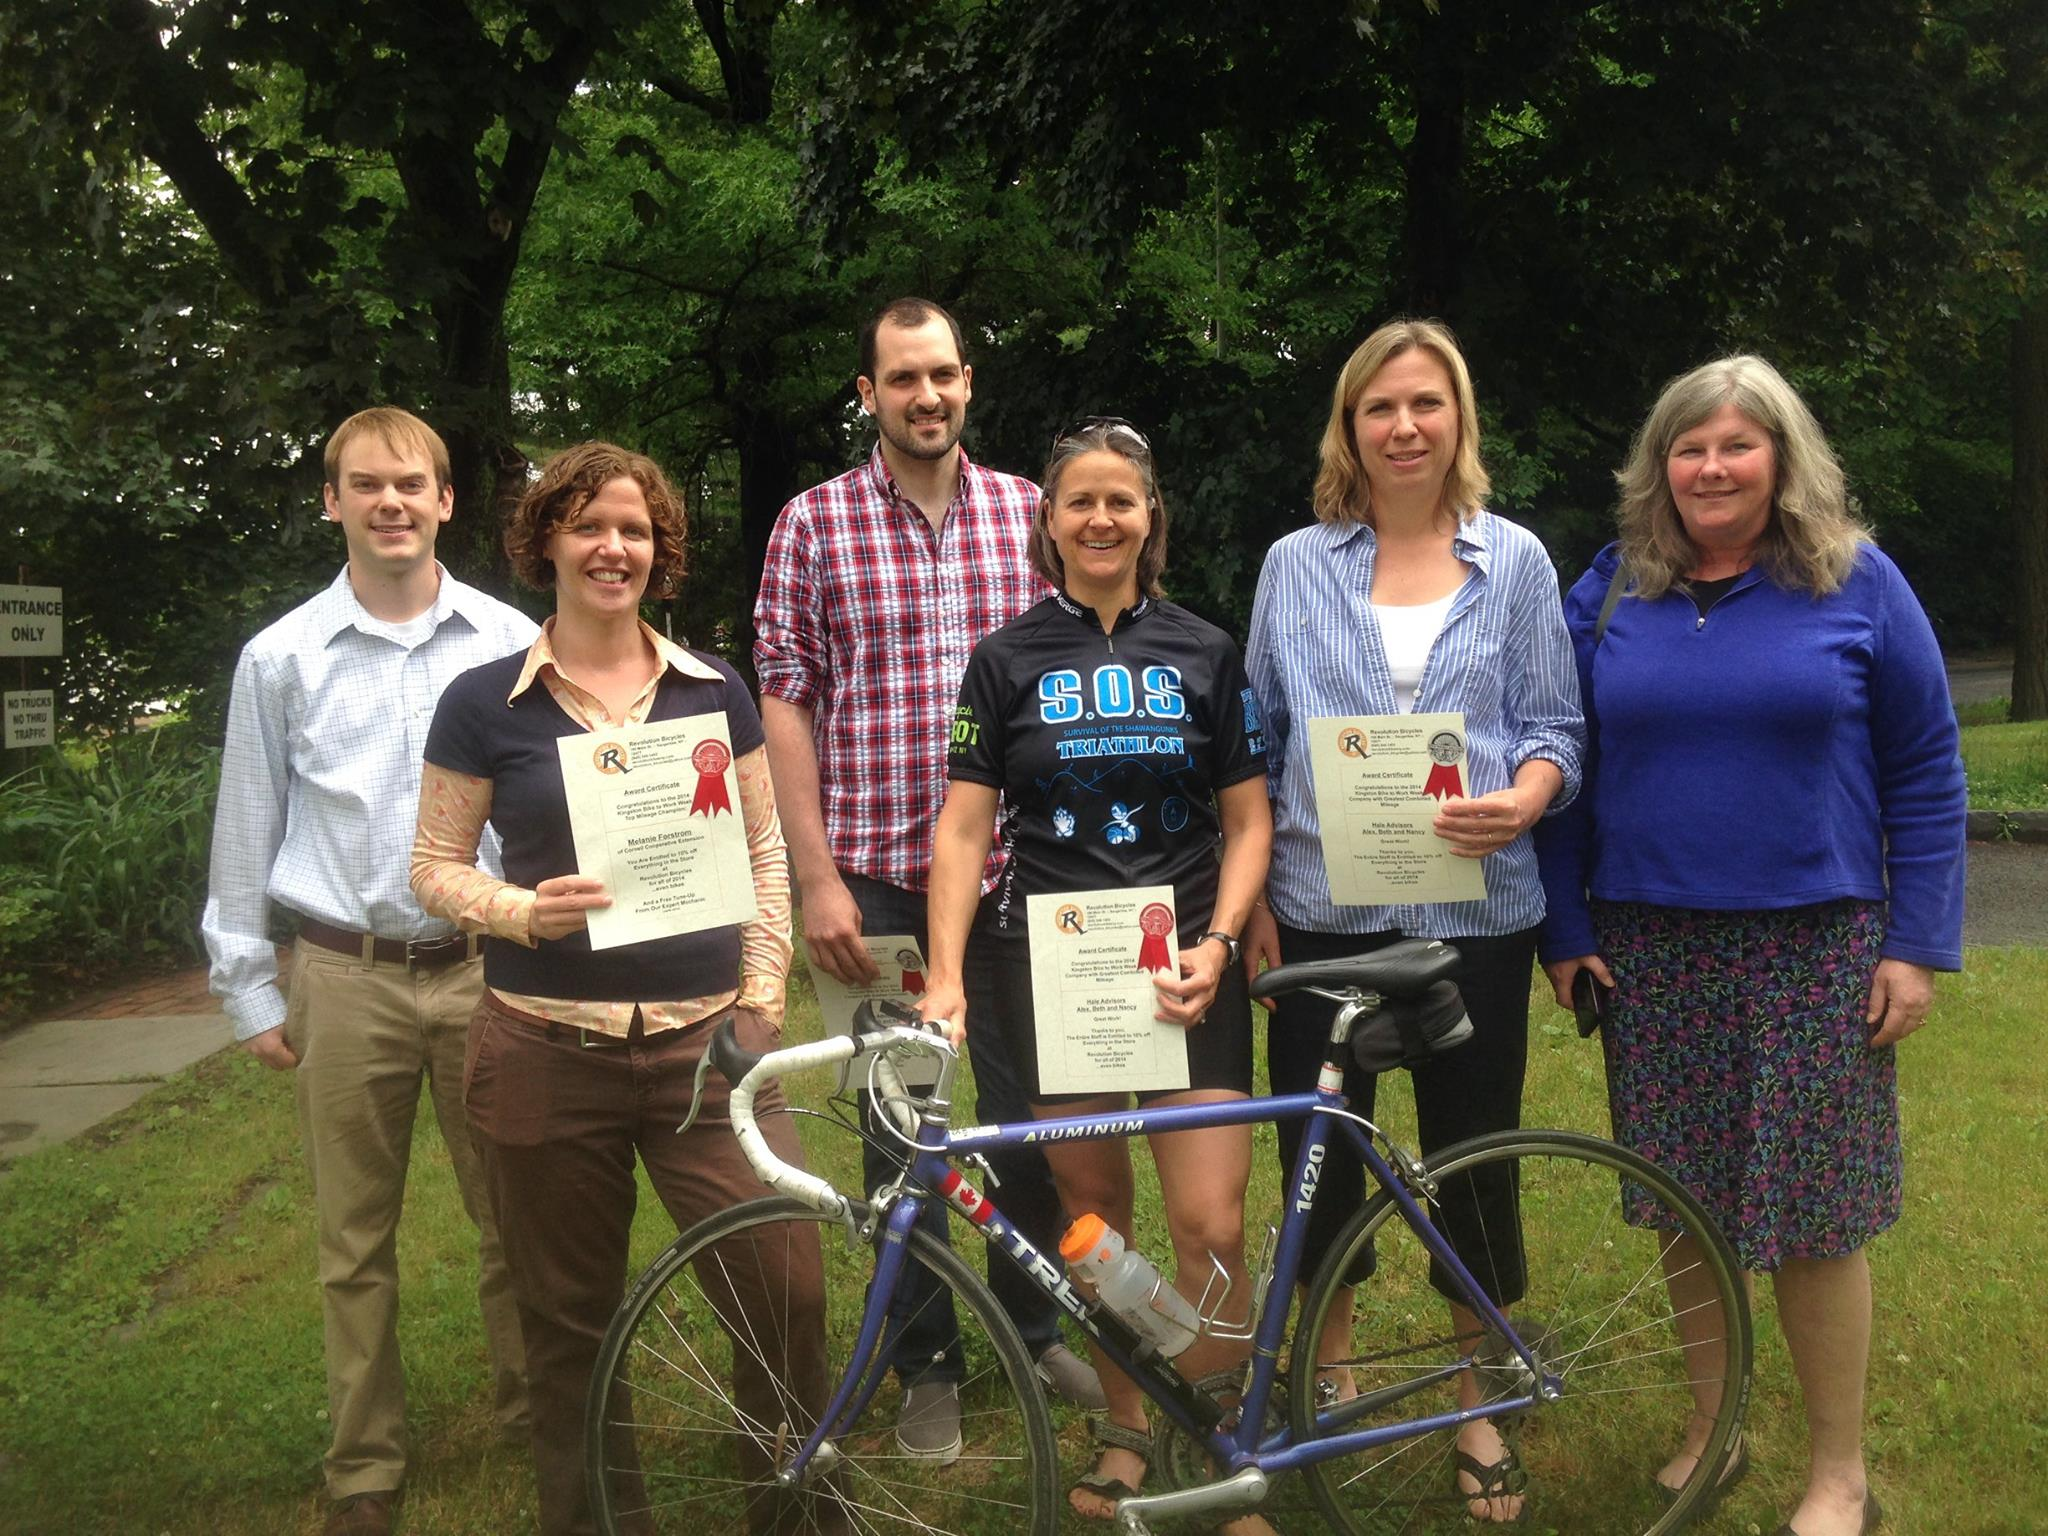 2014 Bike-To-Work Winners